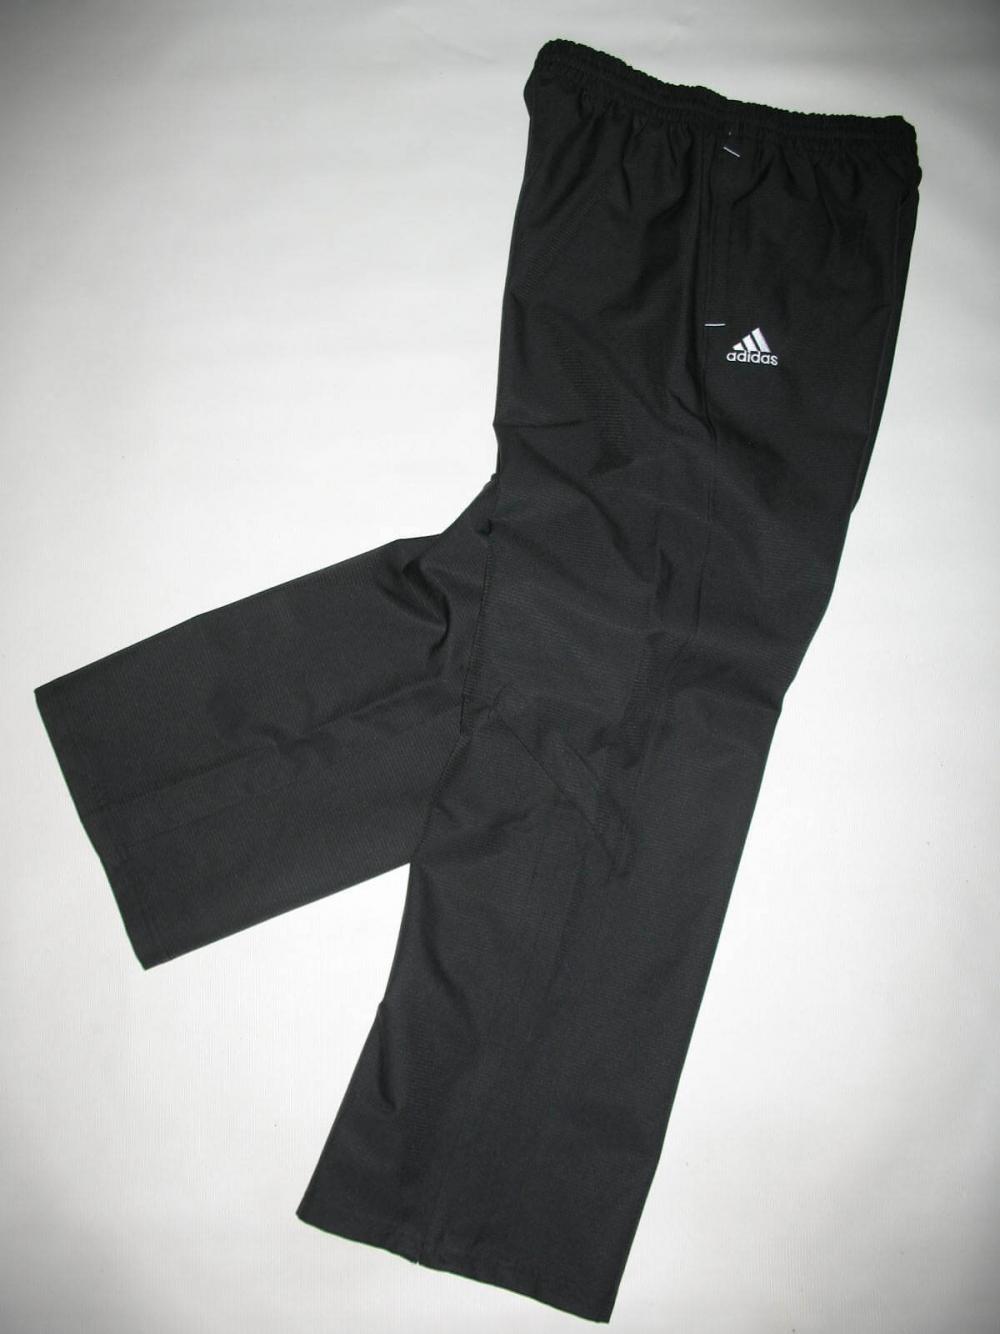 Штаны ADIDAS team woven pant lady/unisex (размер S/M) - 3